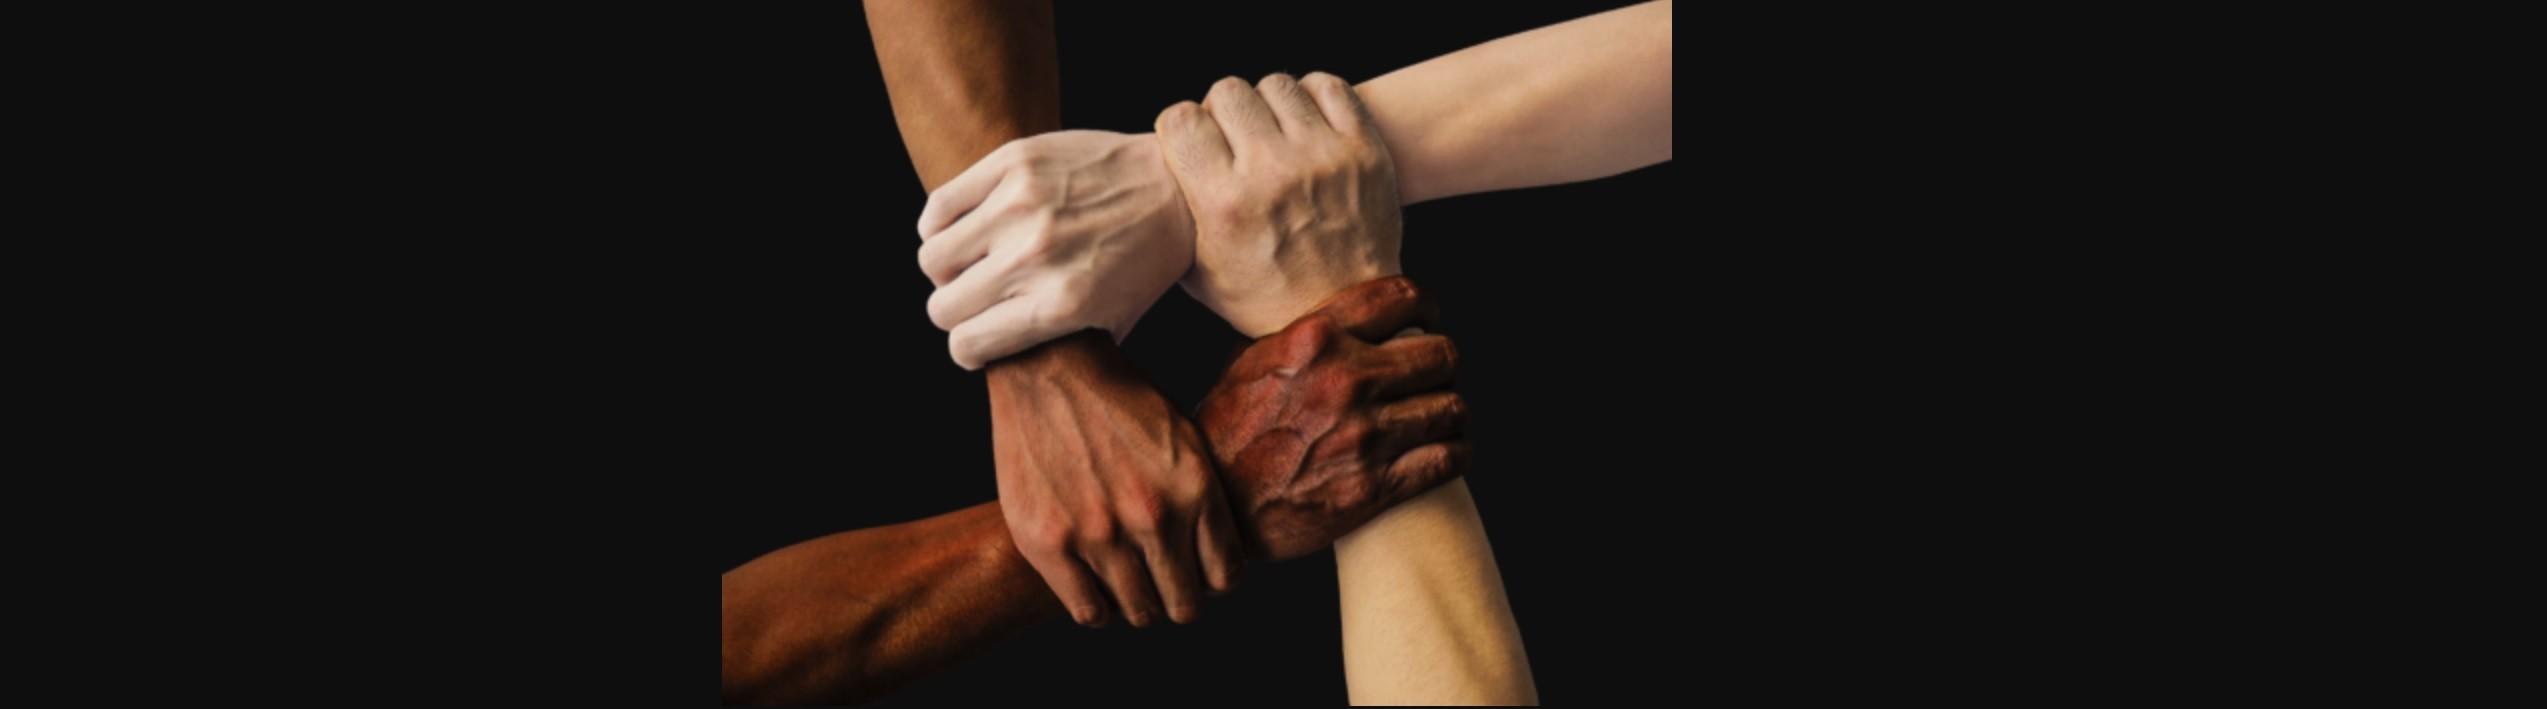 Każdy inny, wszyscy równi czyli o uprzedzeniach